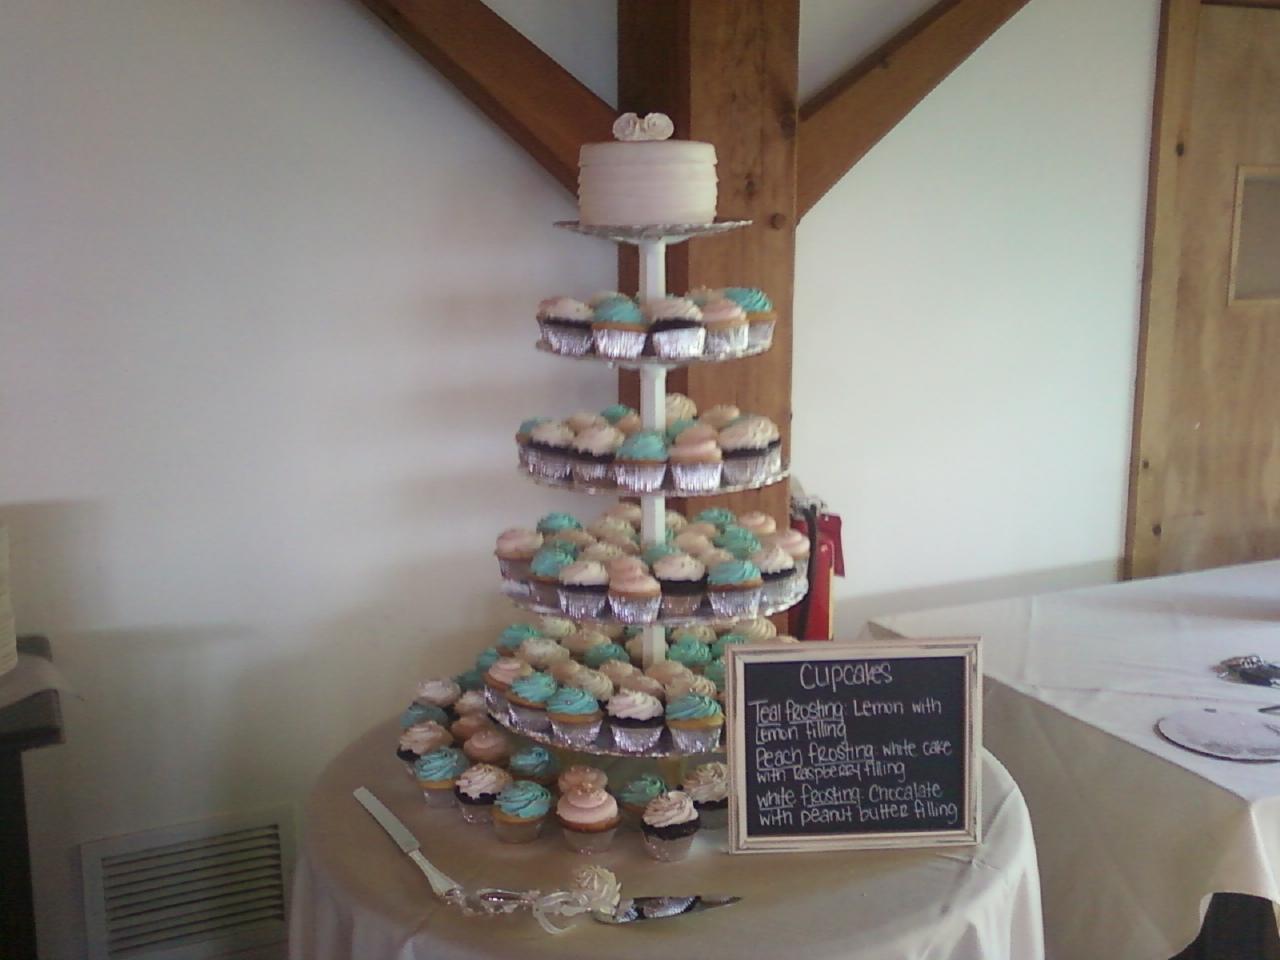 Wedding Cake wCupcakes3 Display